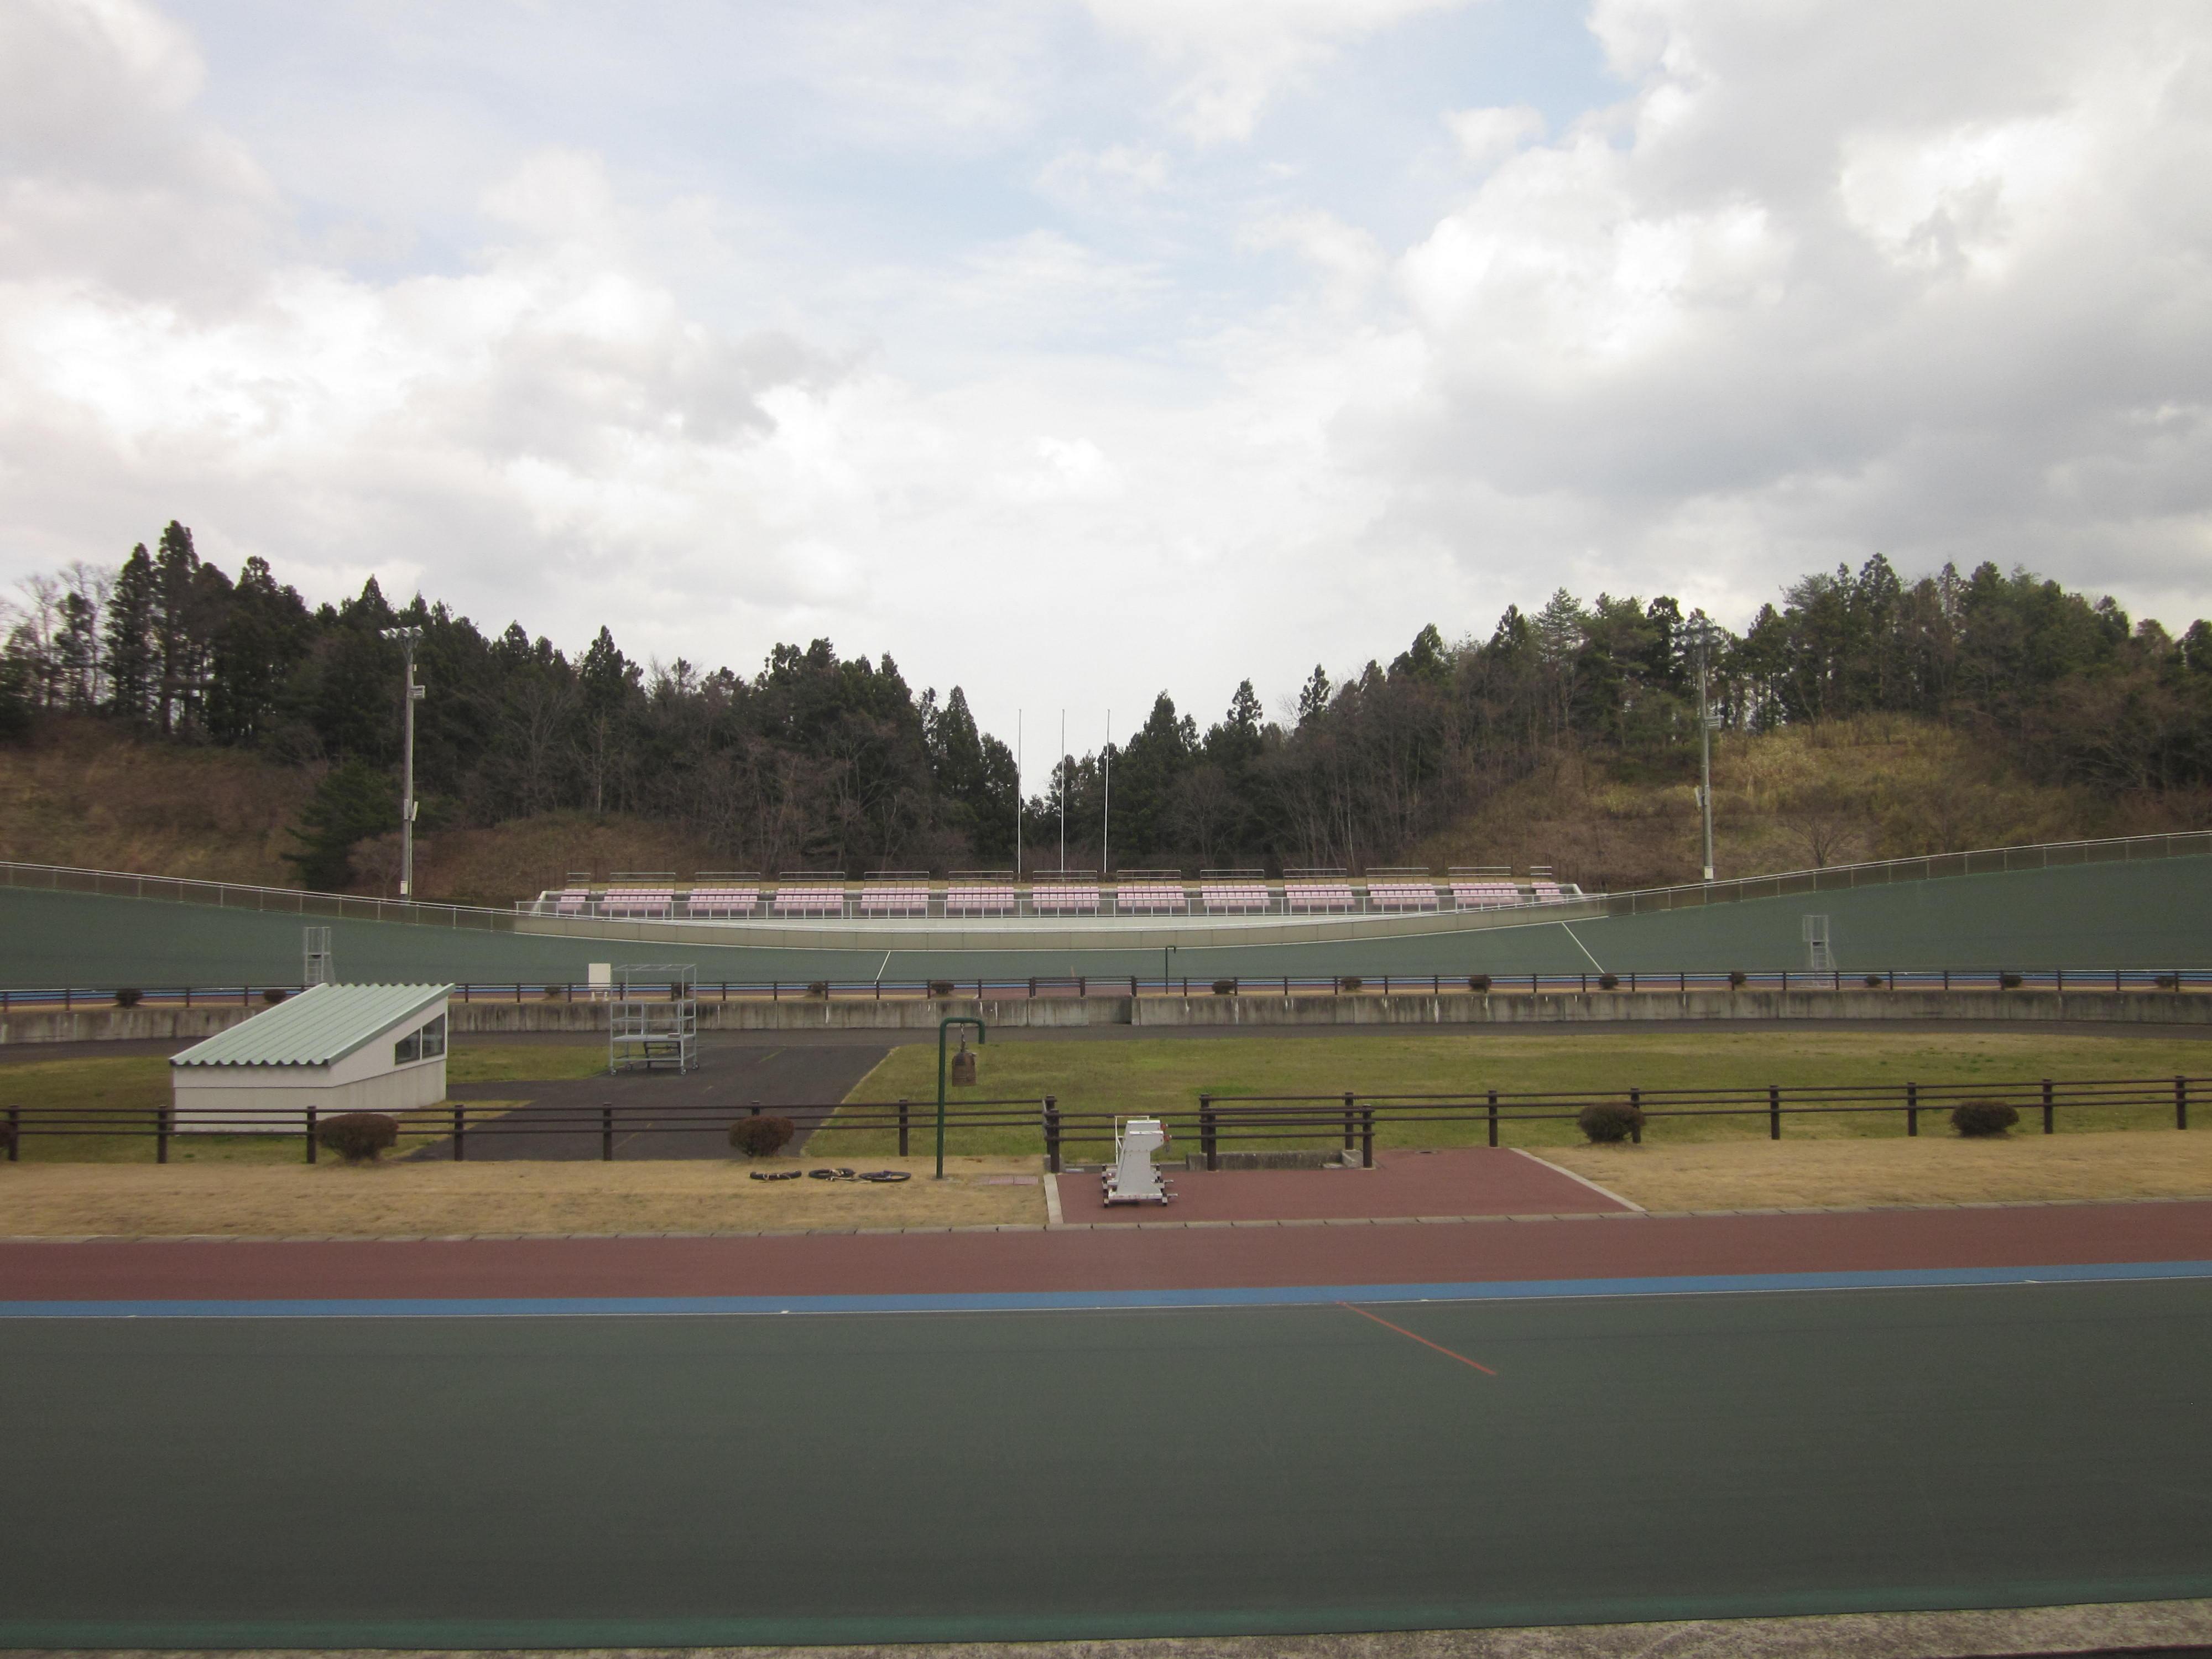 宮城県自転車競技場のイメージ